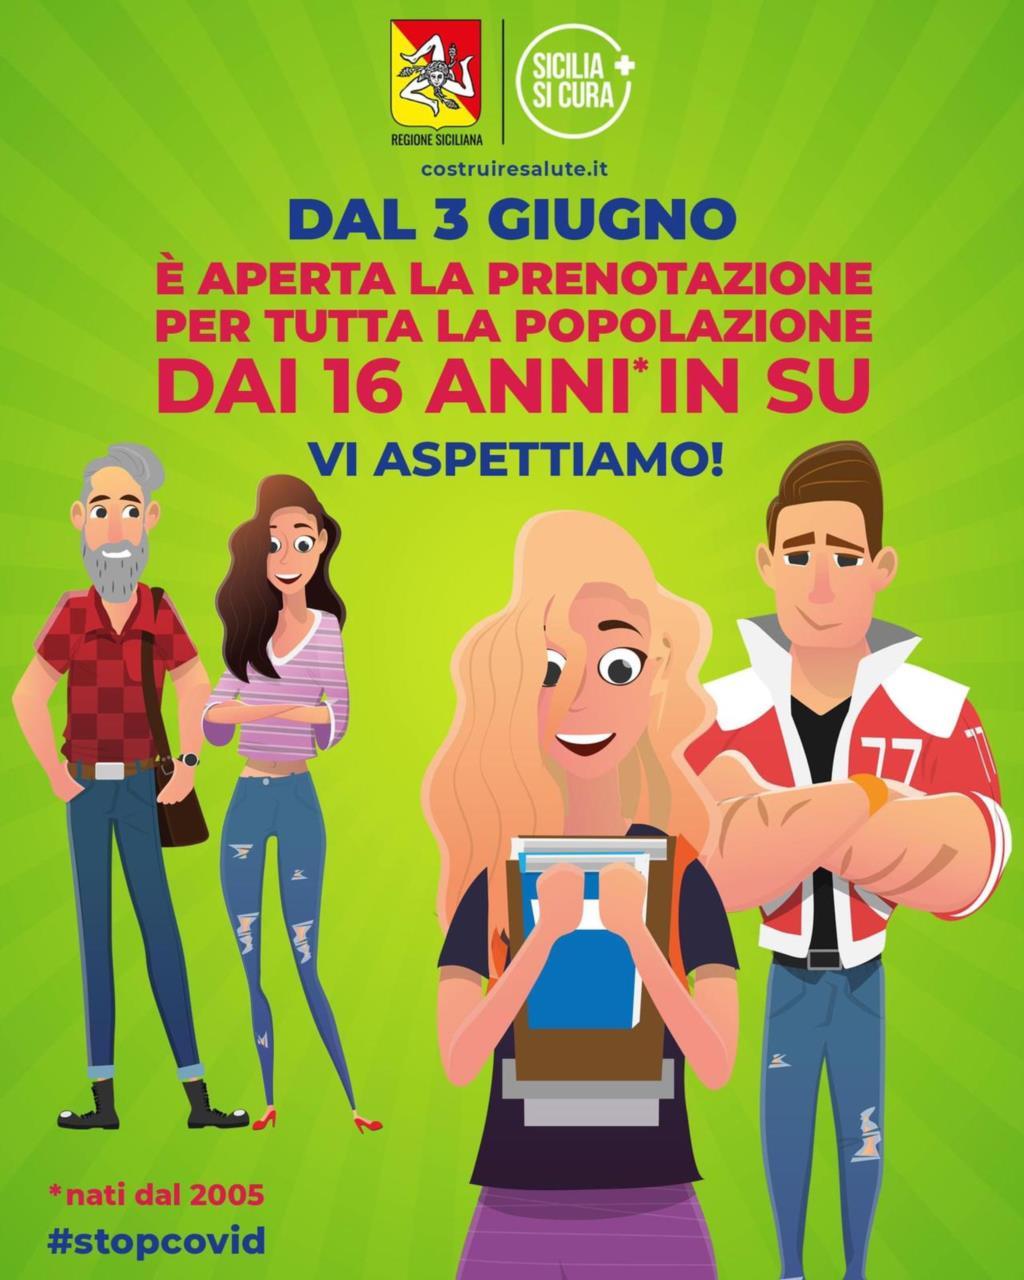 Vaccini, da domani in Sicilia le prenotazioni per gli over 16